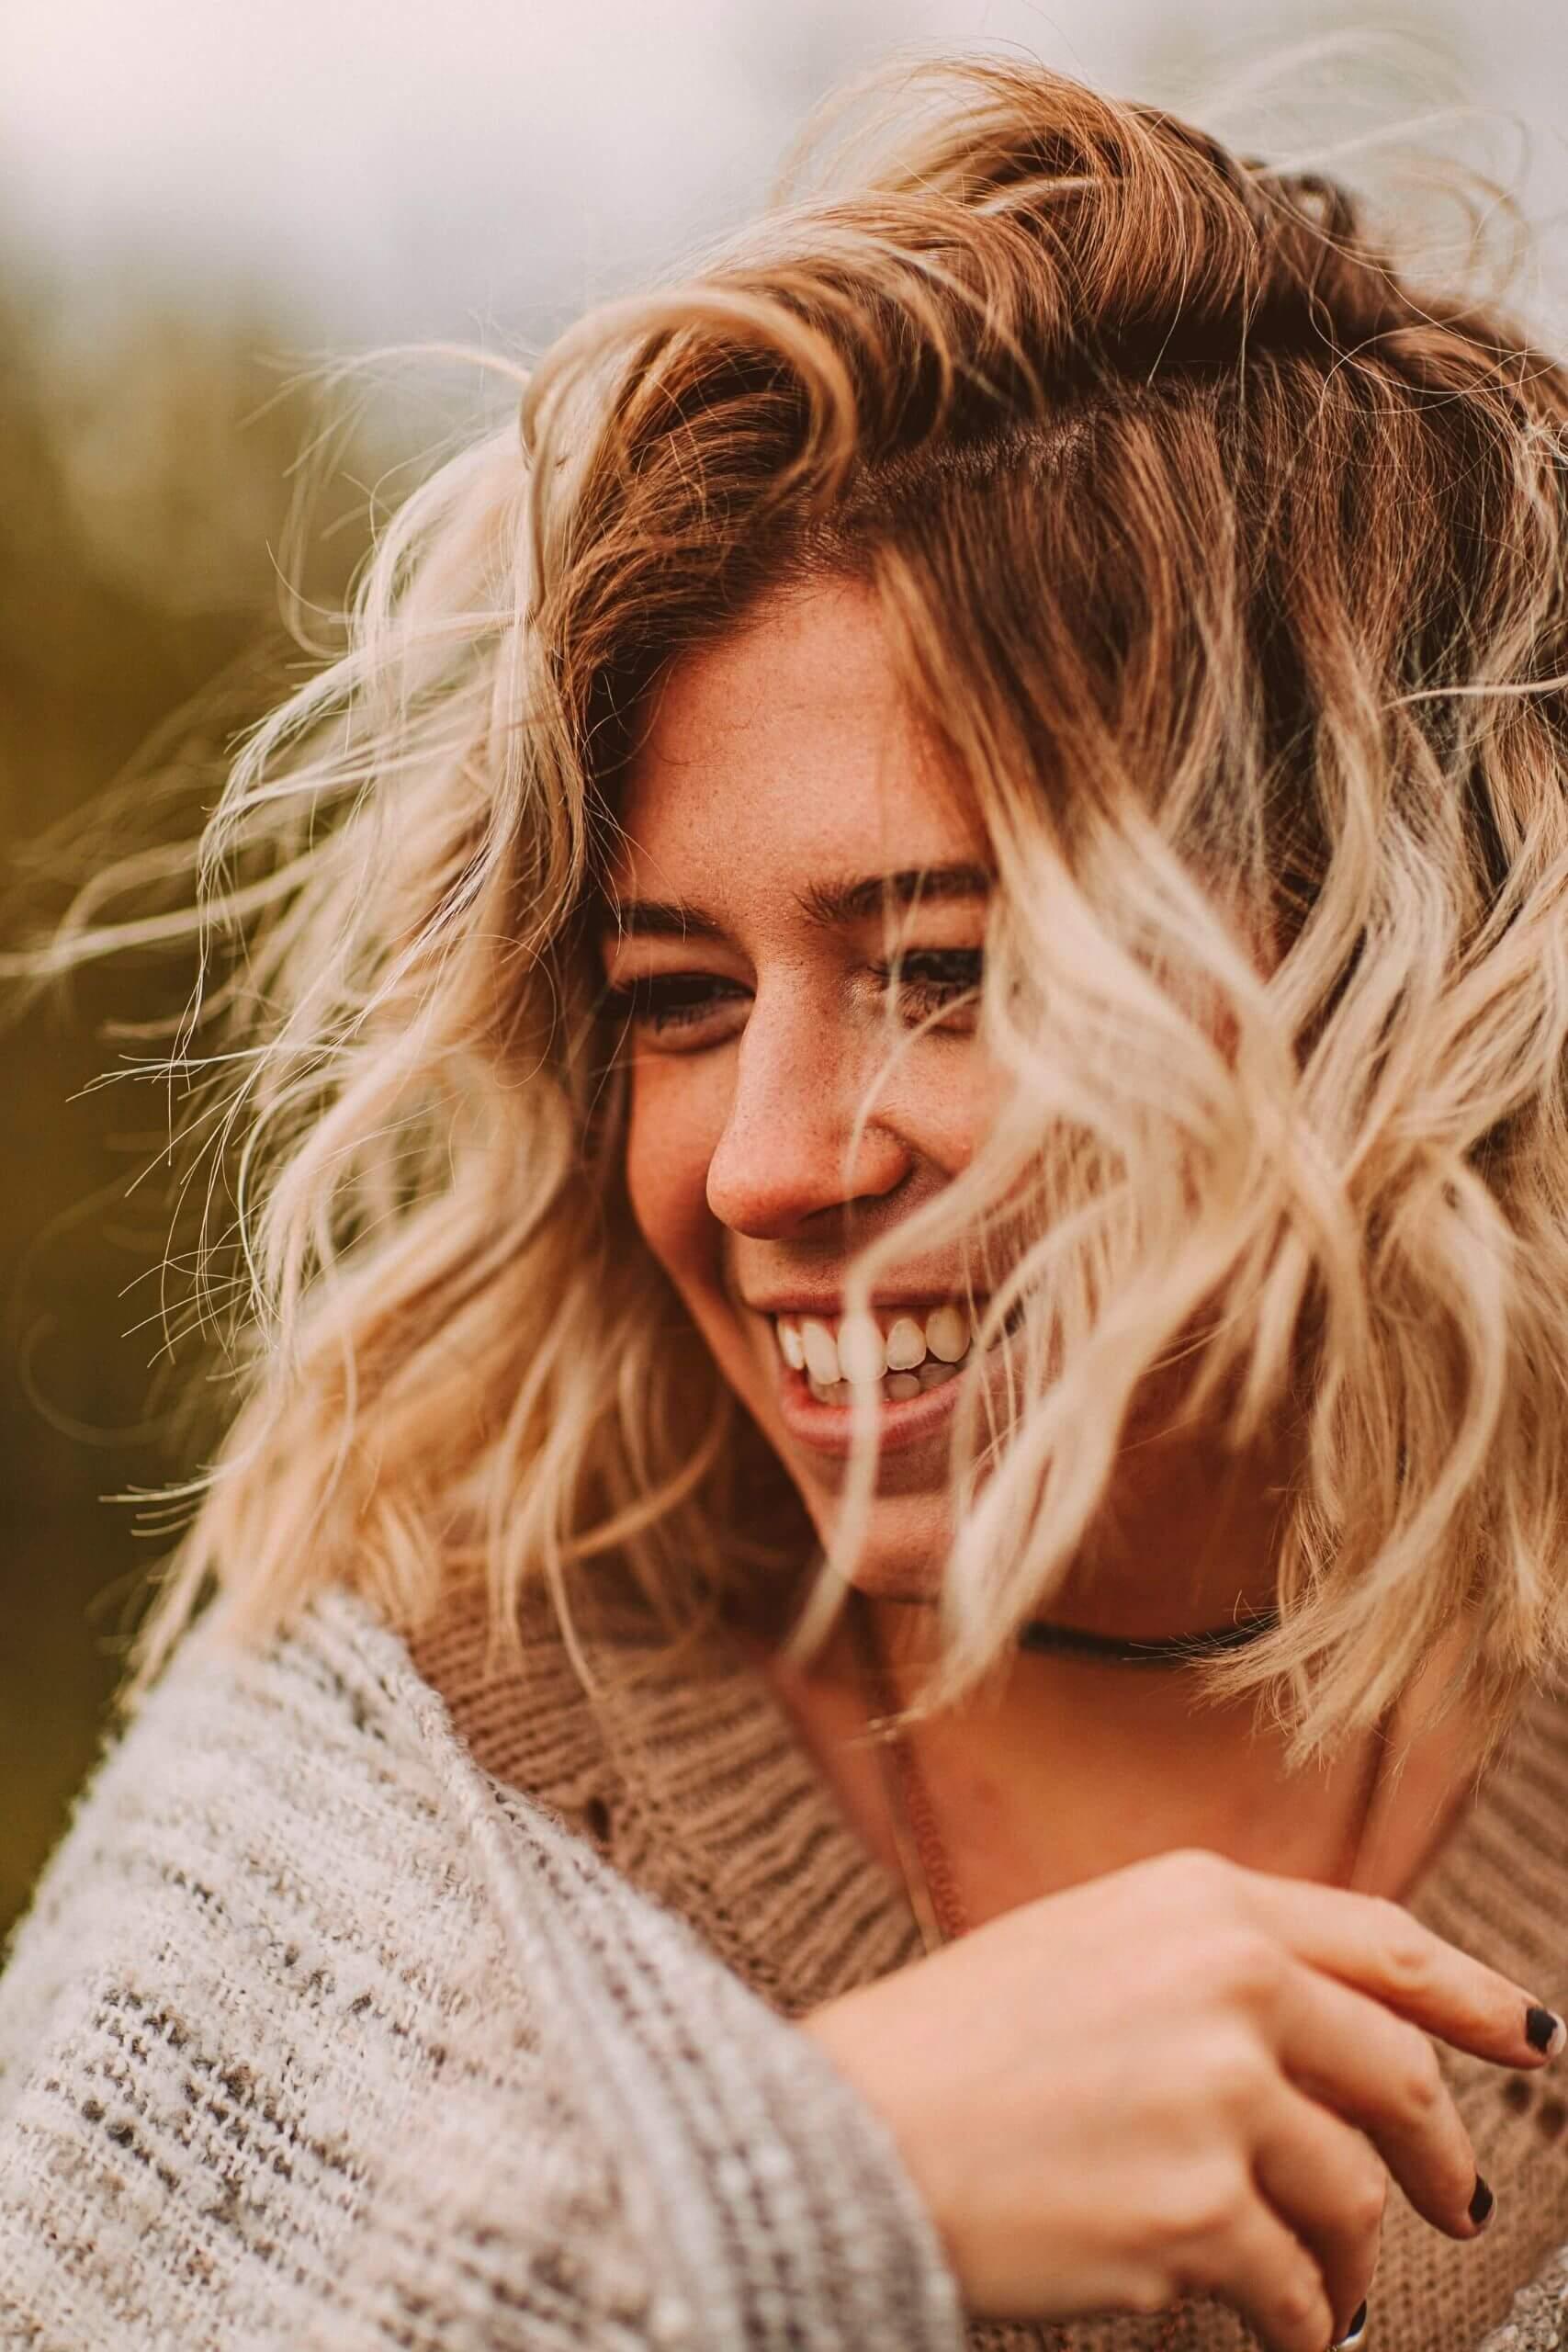 Lachende blonde Frau Portraetaufnahme vorne seitlich